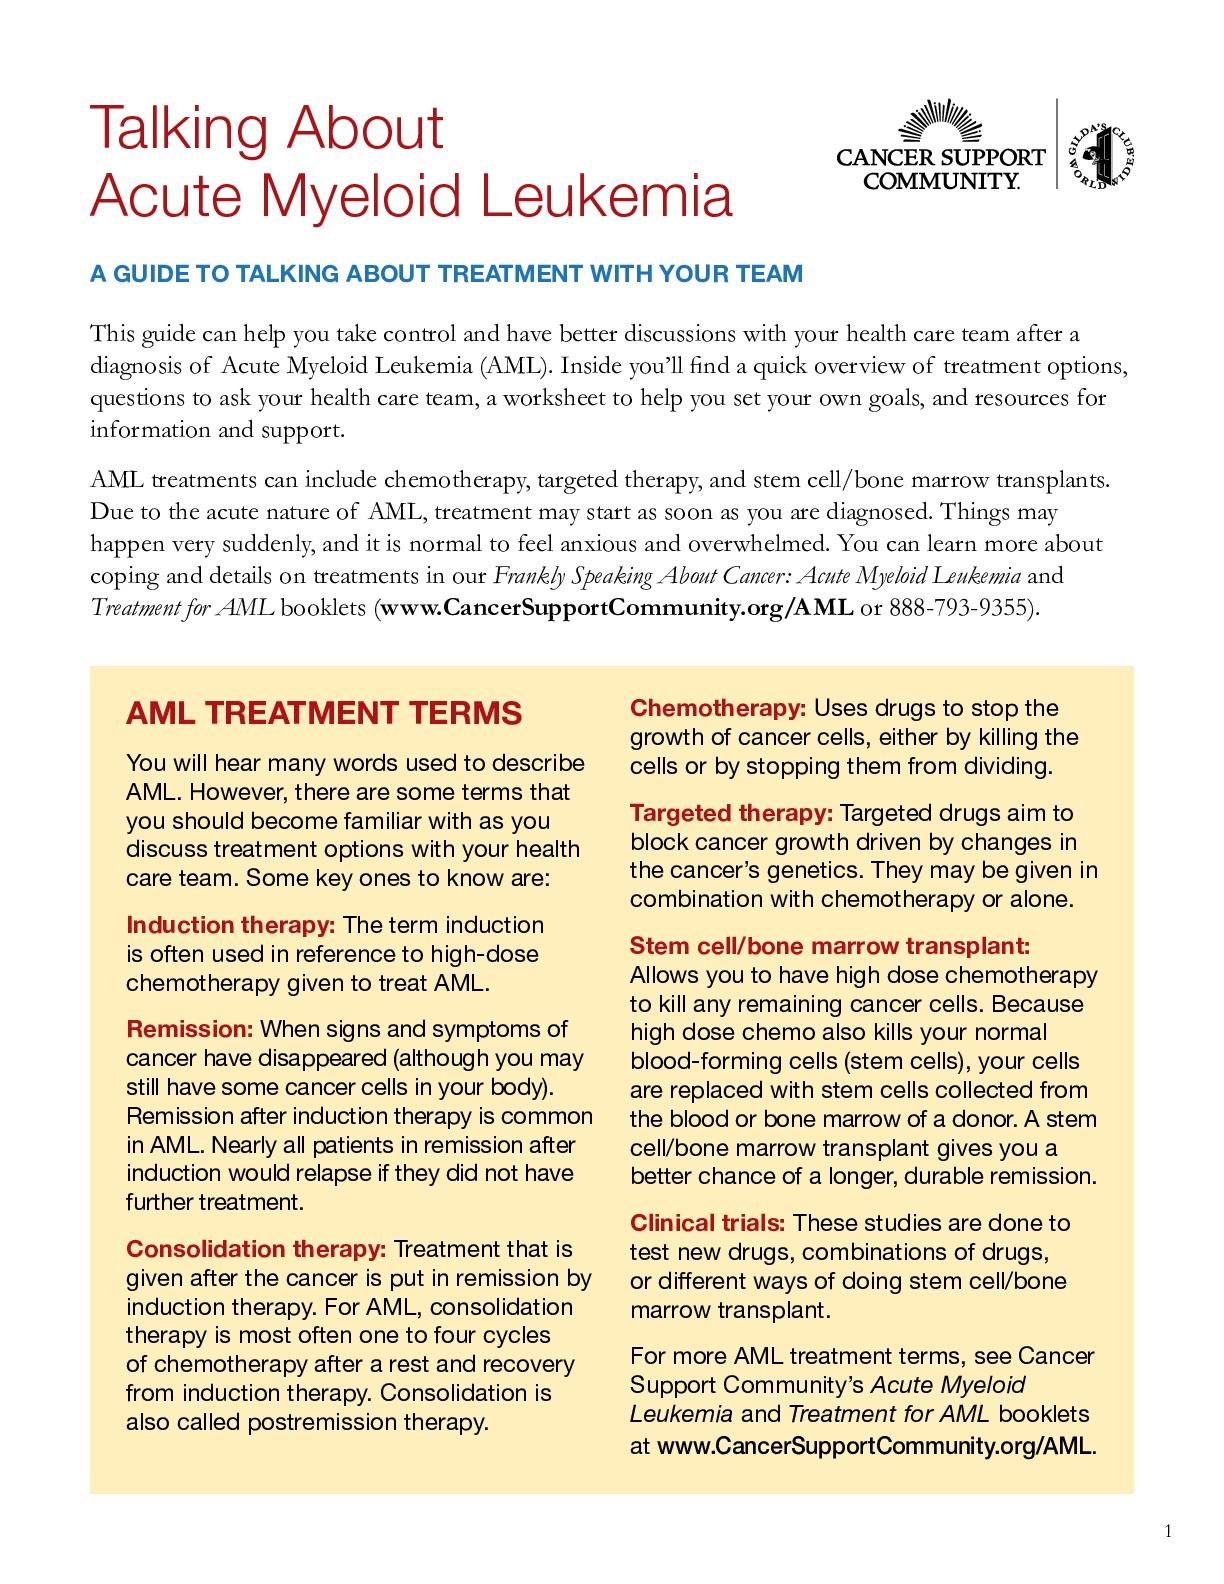 Talking About Acute Myeloid Leukemia (AML)